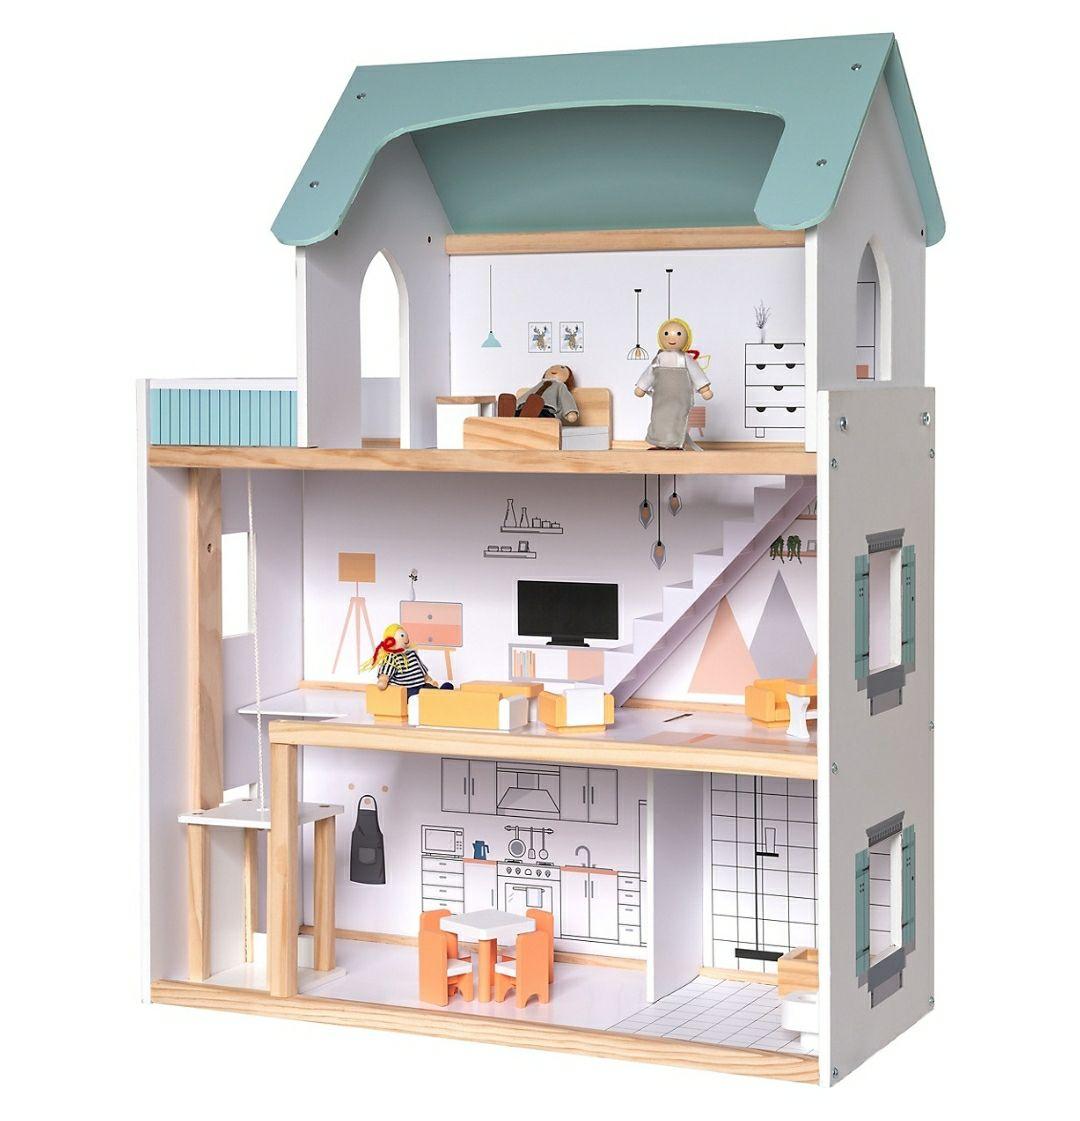 Grosses Holz Puppenhaus mit Möbeln und Puppen